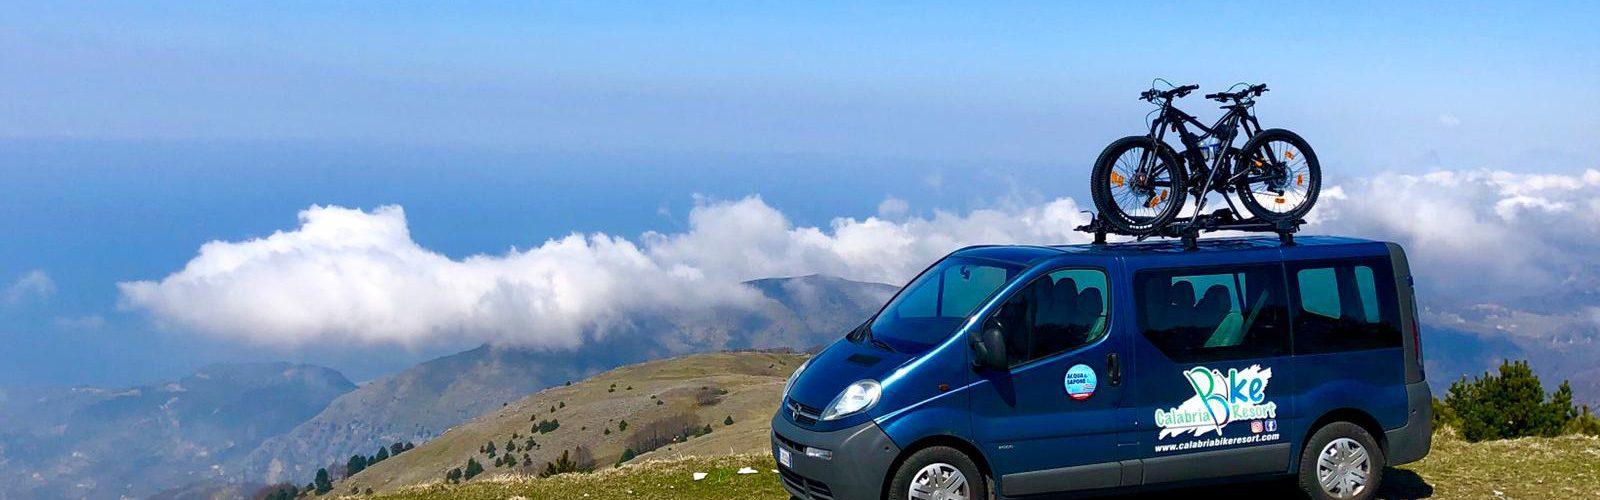 Mt. Cocuzzo MTB